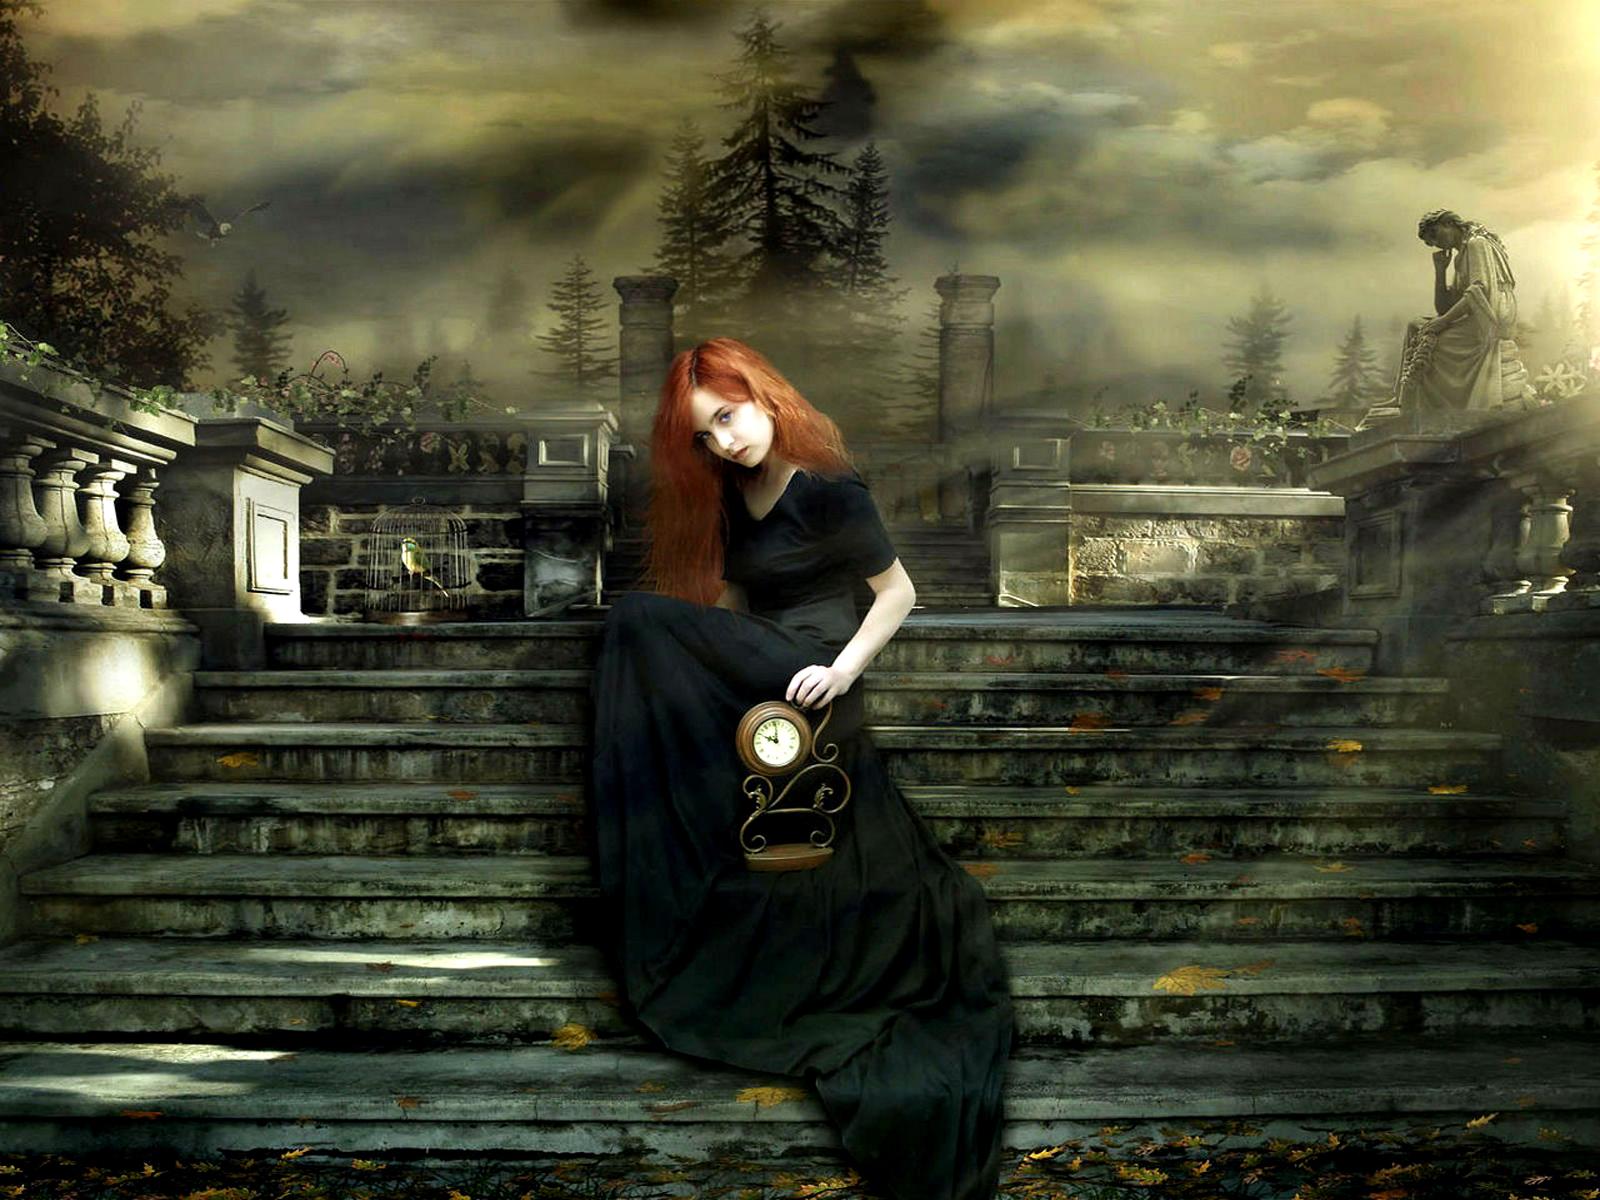 Cg digital art gothic dream women time clock fantasy mood ...